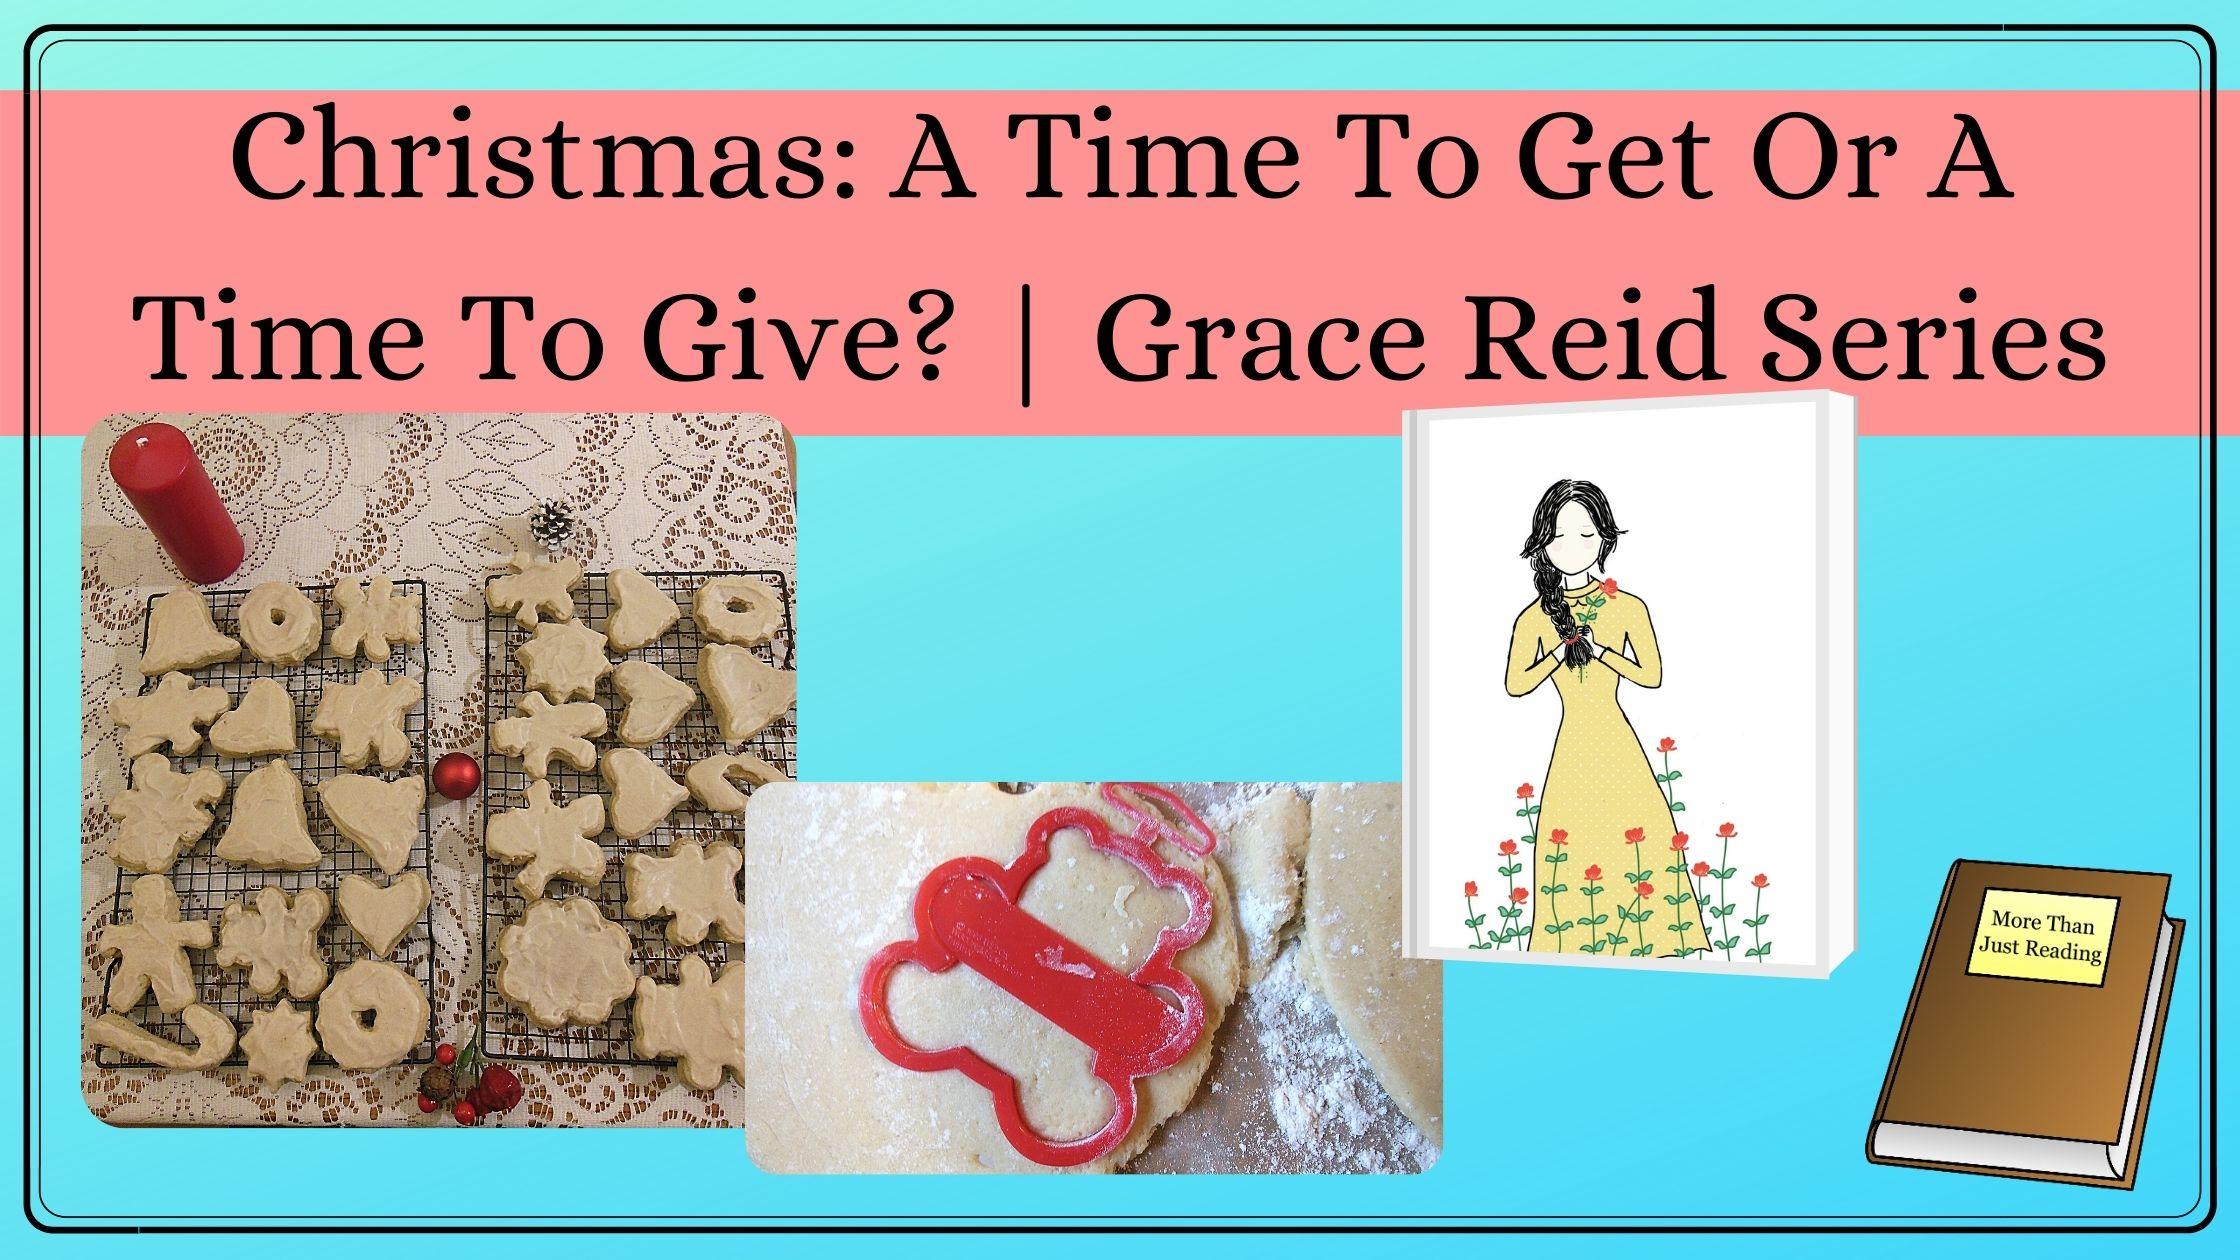 Grace Reid Series